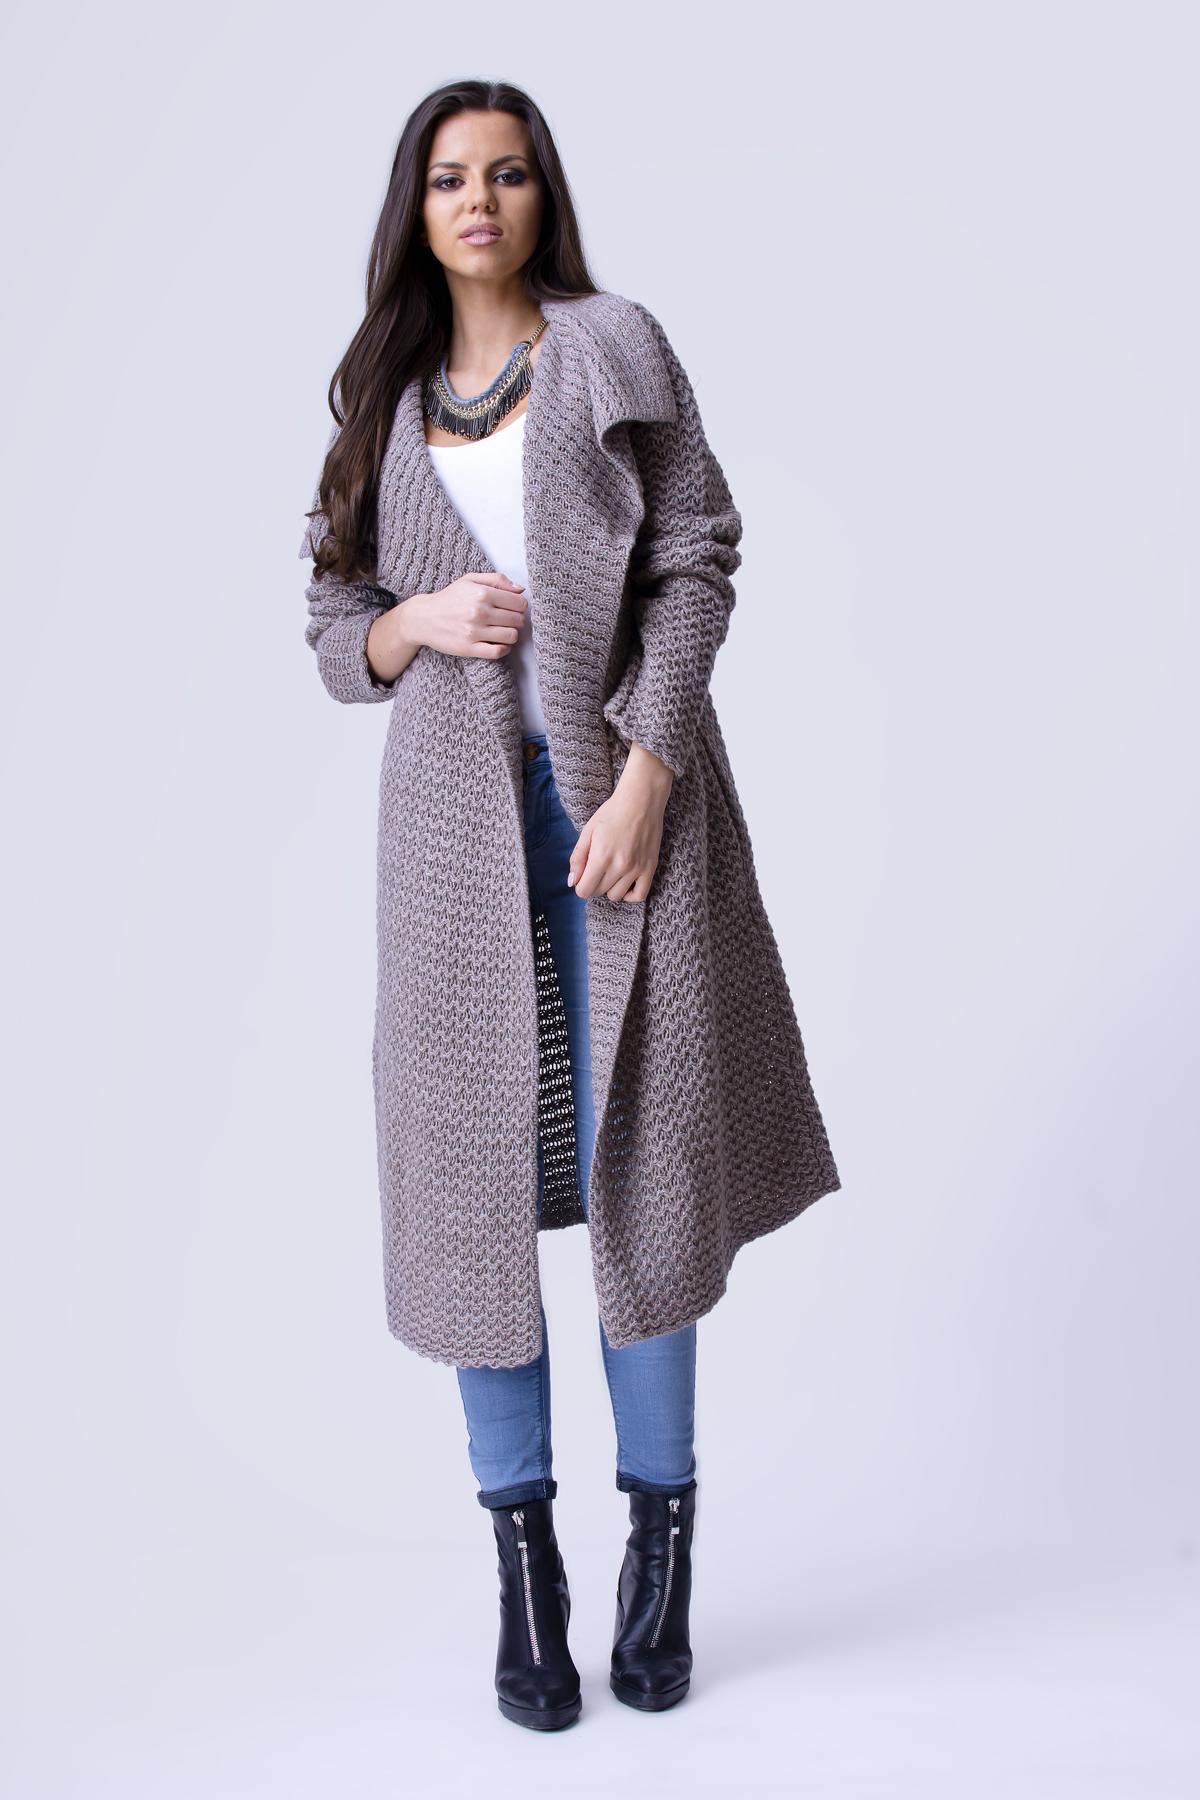 Dlhý dámsky sveter HAZEL vo farbe mocca zväčšiť obrázok 94afc49b28